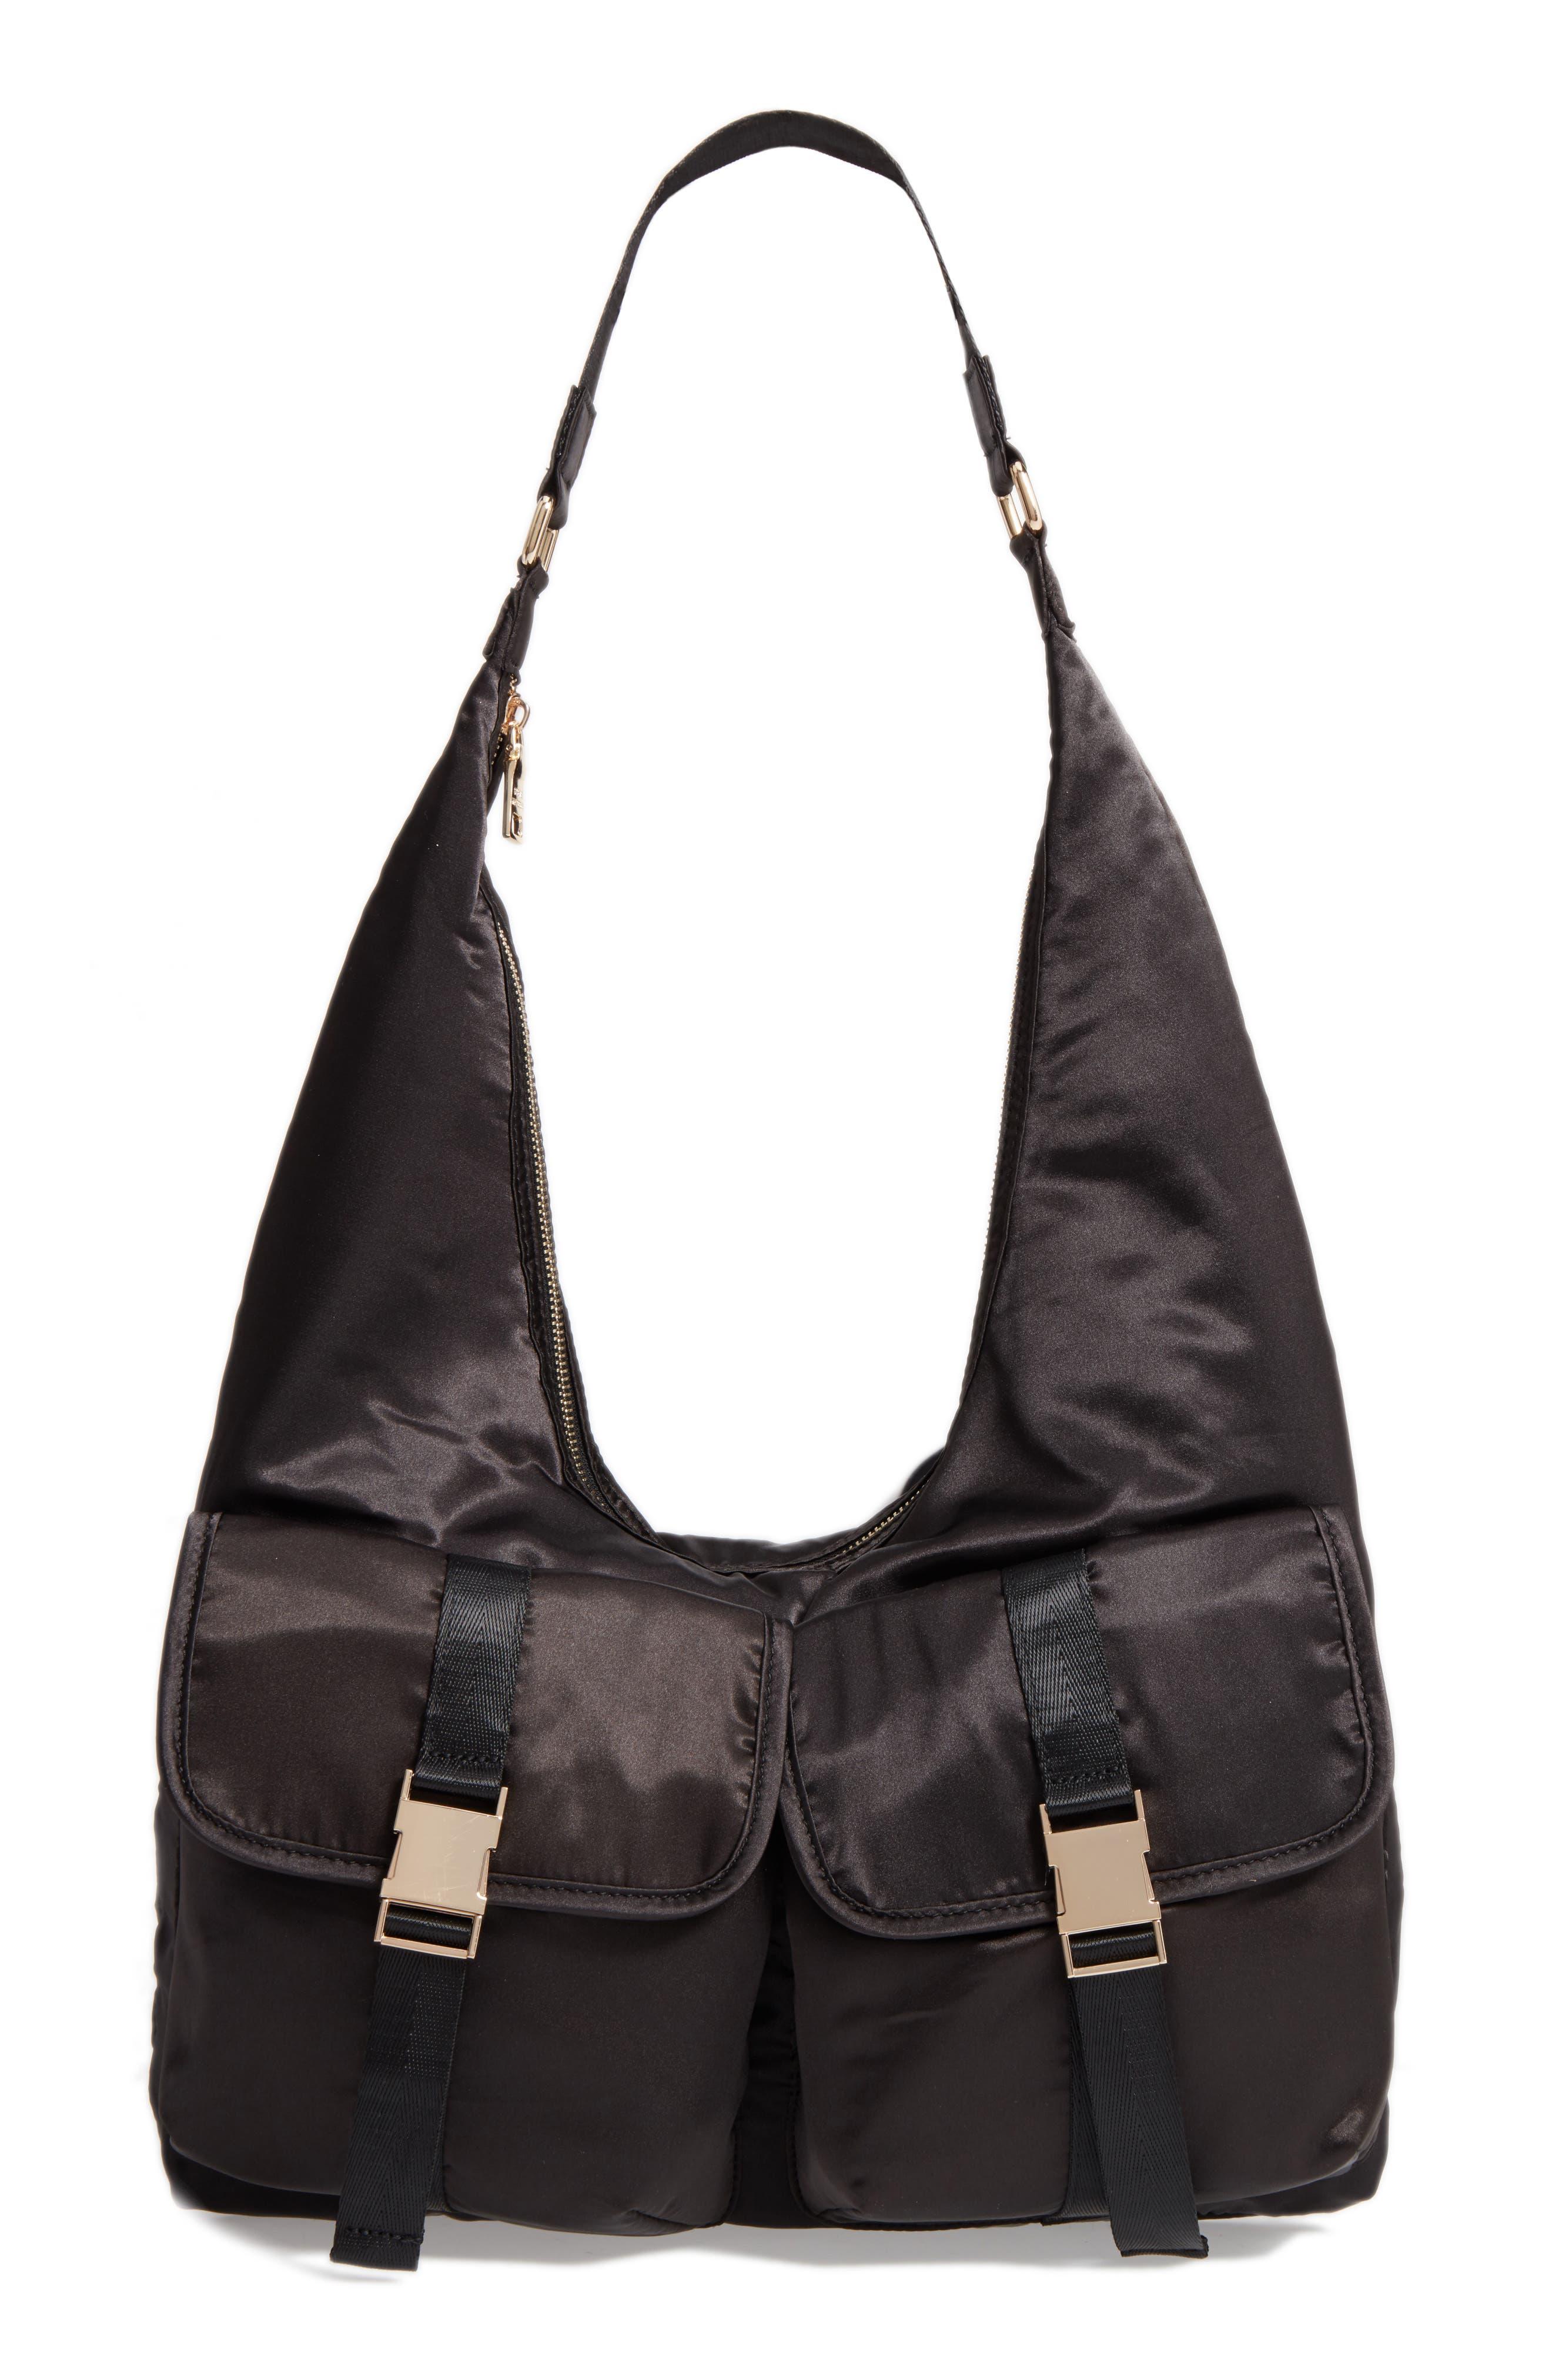 Steve Madden Satin Hobo Bag